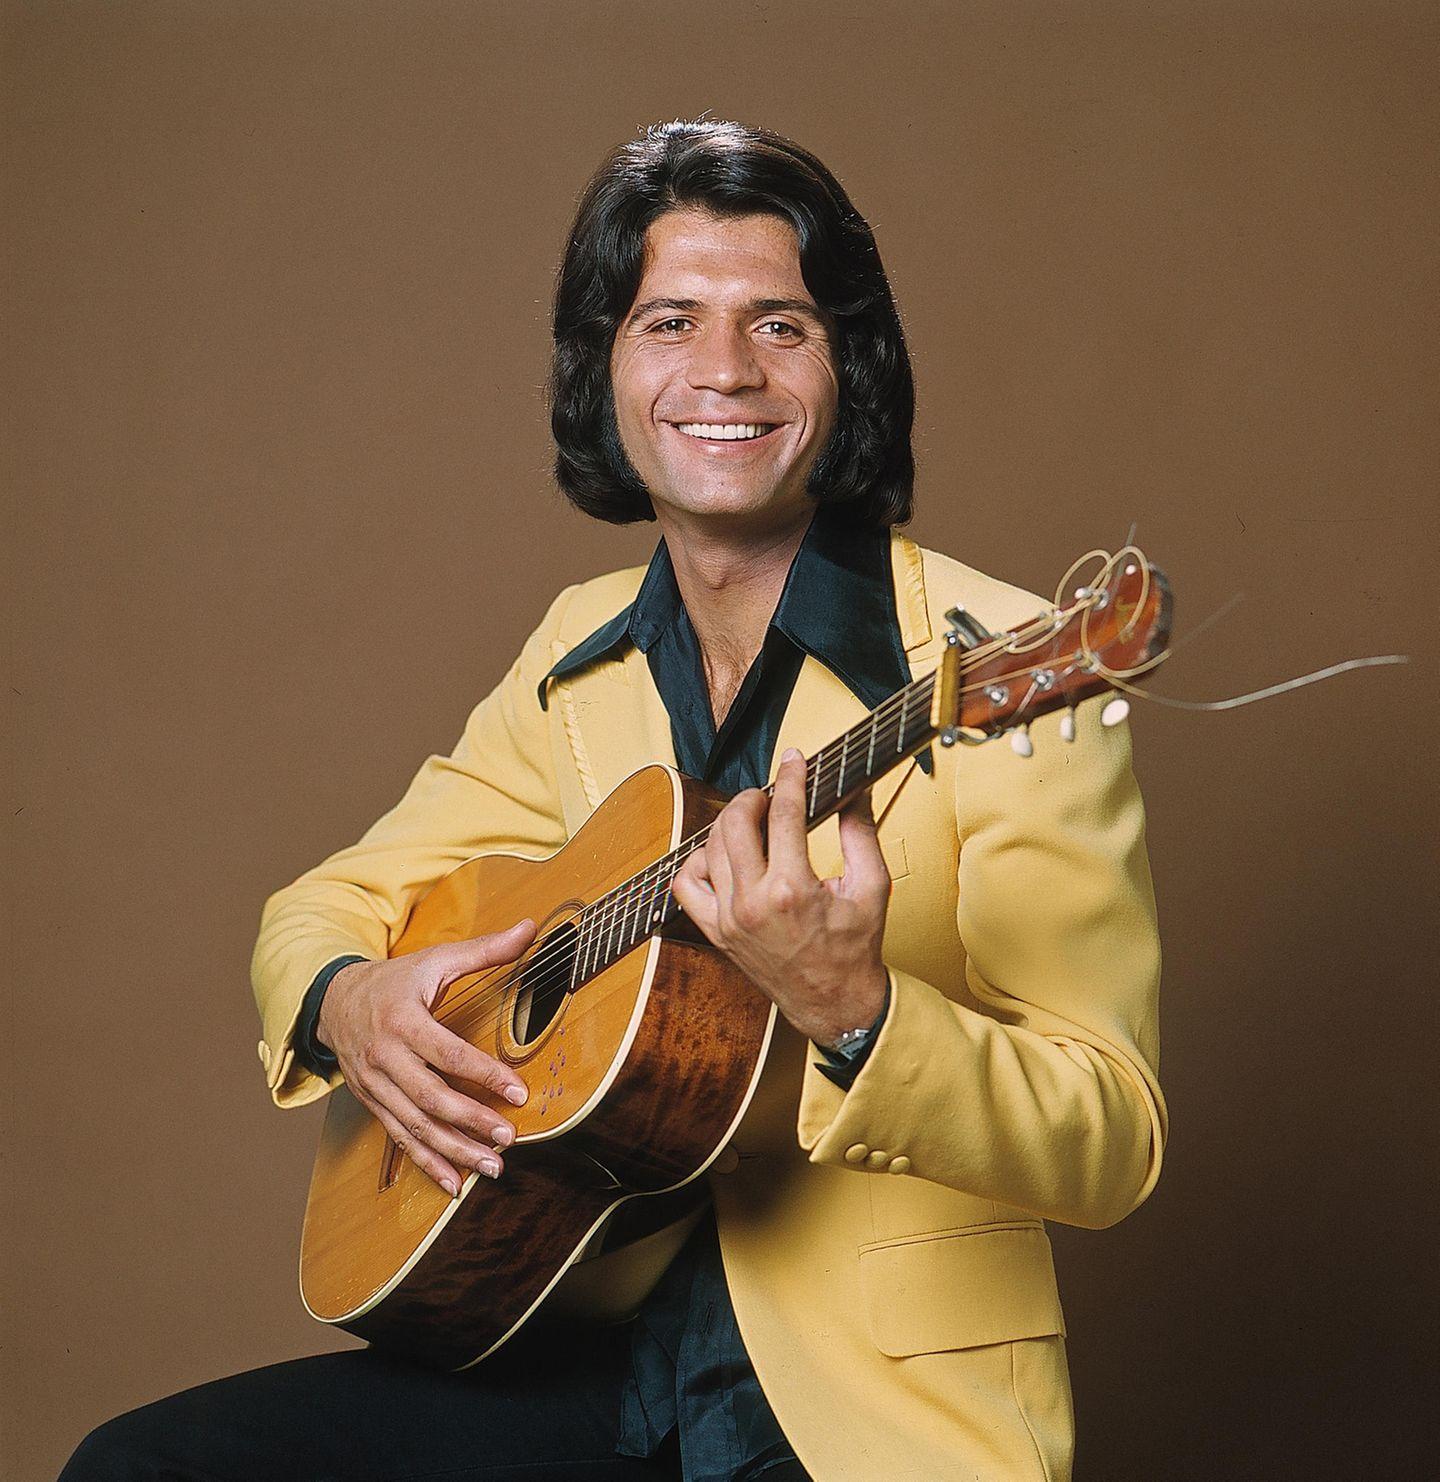 """Costa Cordalis (†): Costa Cordalis kommt im Alter von 16 Jahren nach Deutschland. Nachdem er eine Weile in Frankfurt studiert, macht er 1965 mit seiner eingedeutschten Version """"Du hast ja Tränen in den Augen"""" von Elvis Presleys Hit """"Crying in the Chapel"""" auf sich aufmerksam - leider ohne Erfolg."""